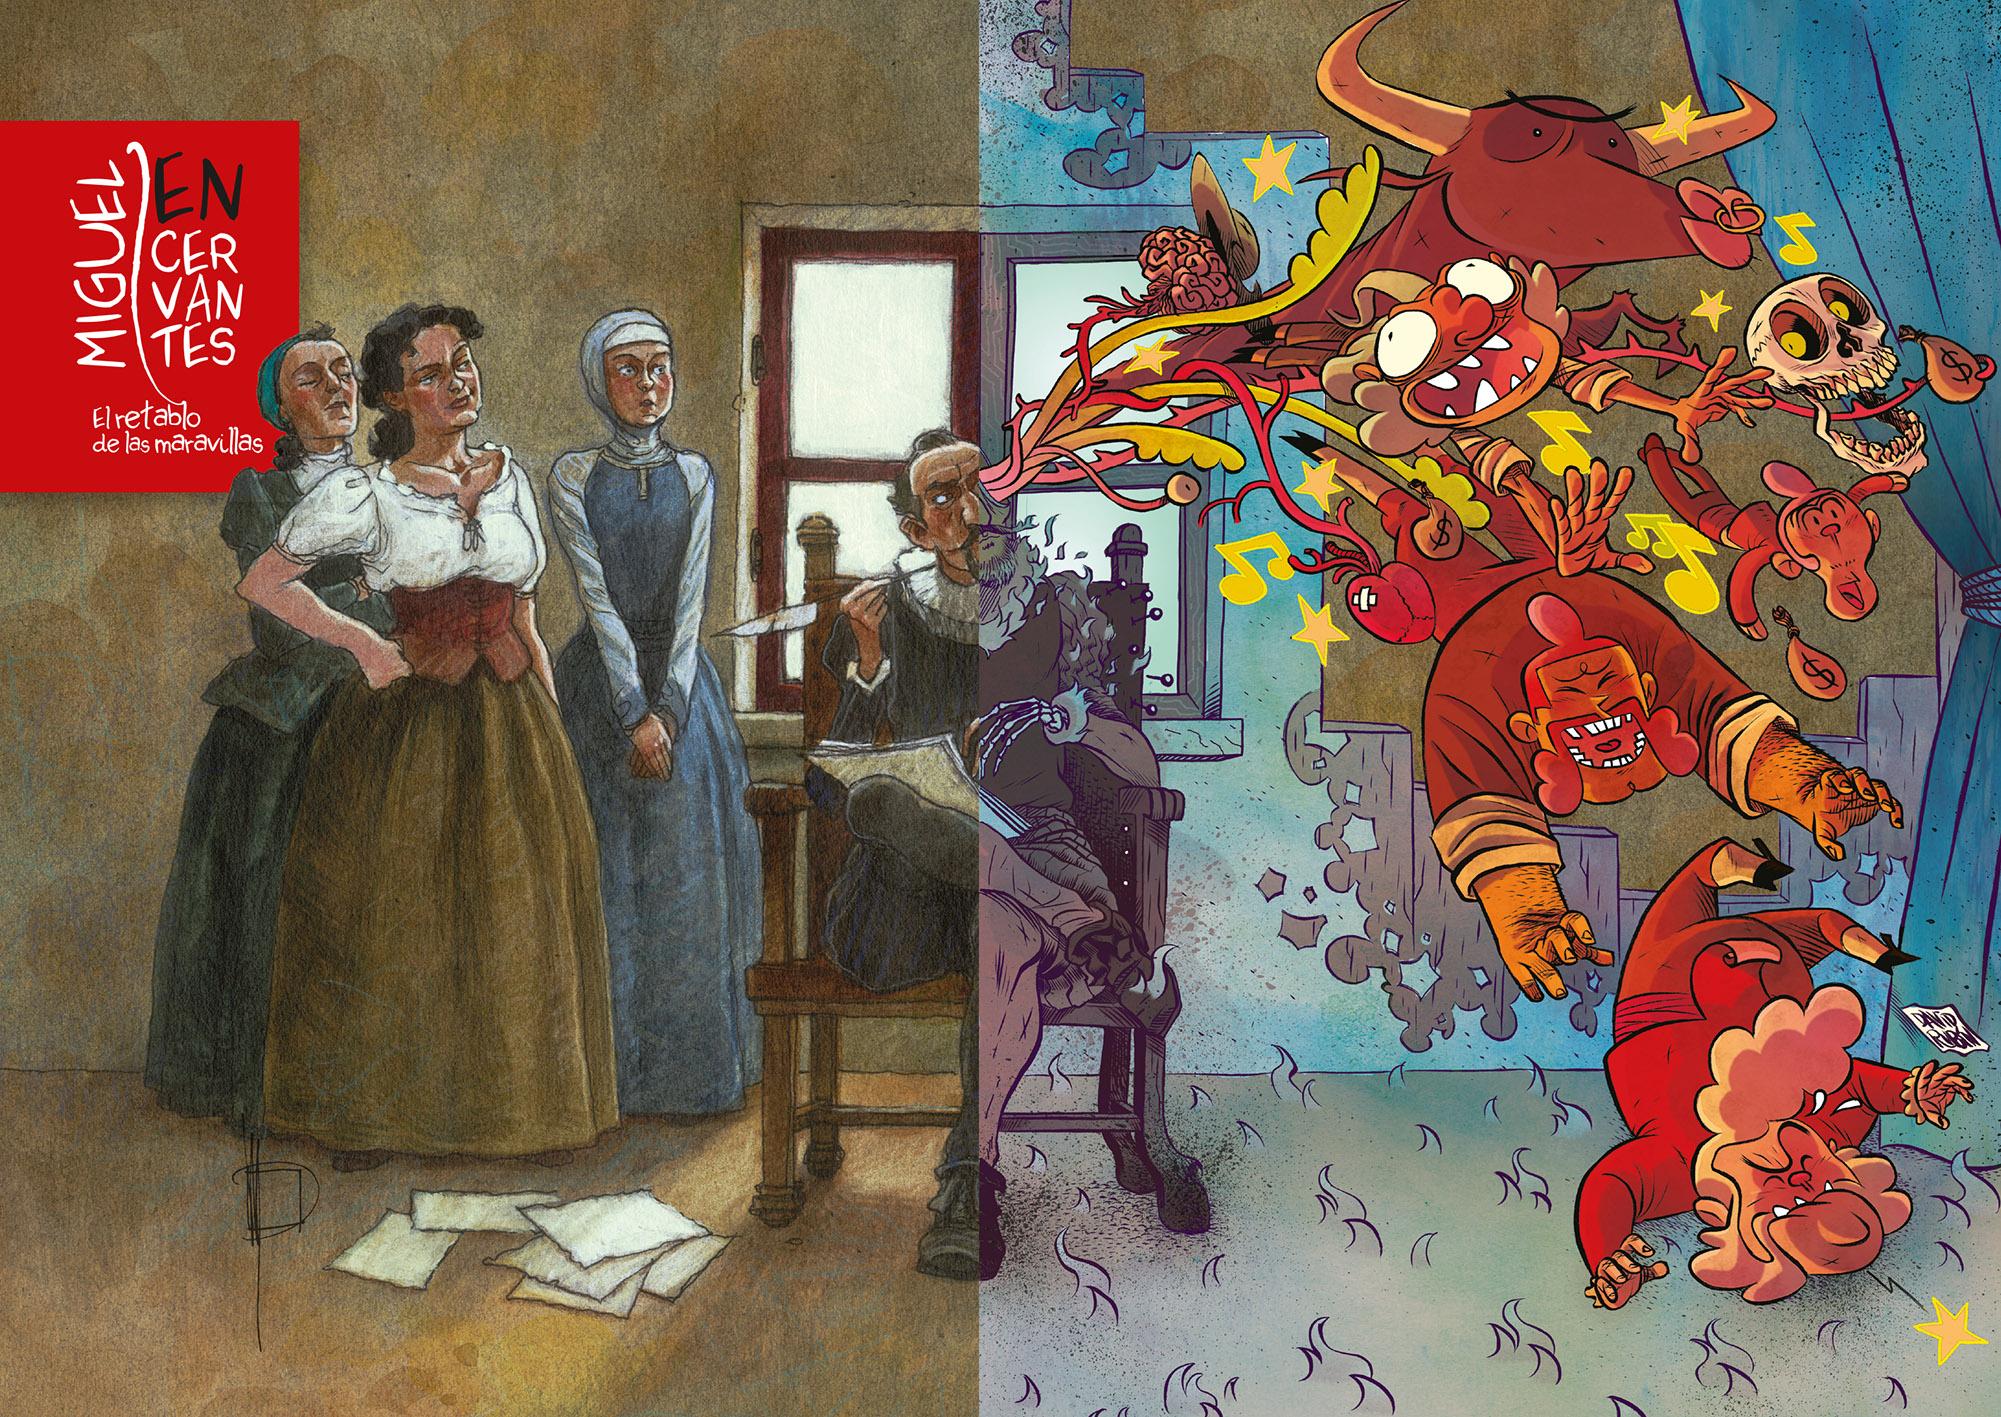 Unha homenaxe a Cervantes e mais unha obra infantil son as novidades dos autores galegos